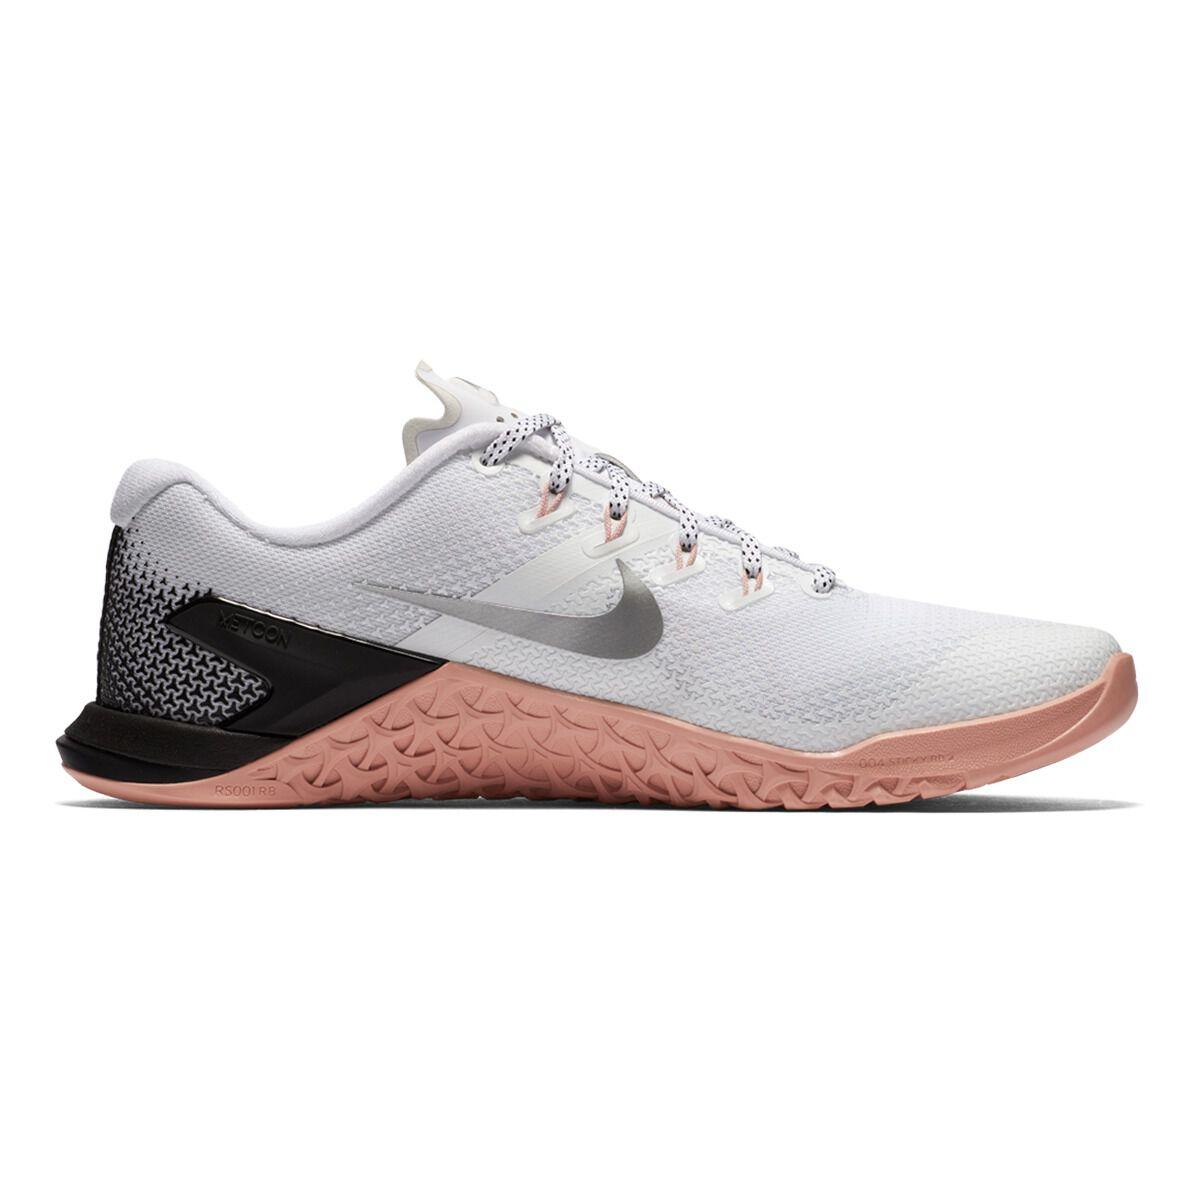 Womens 4 Rebel Shoes Training Black Sport Metcon 6 Nike White Us Rq5Ew